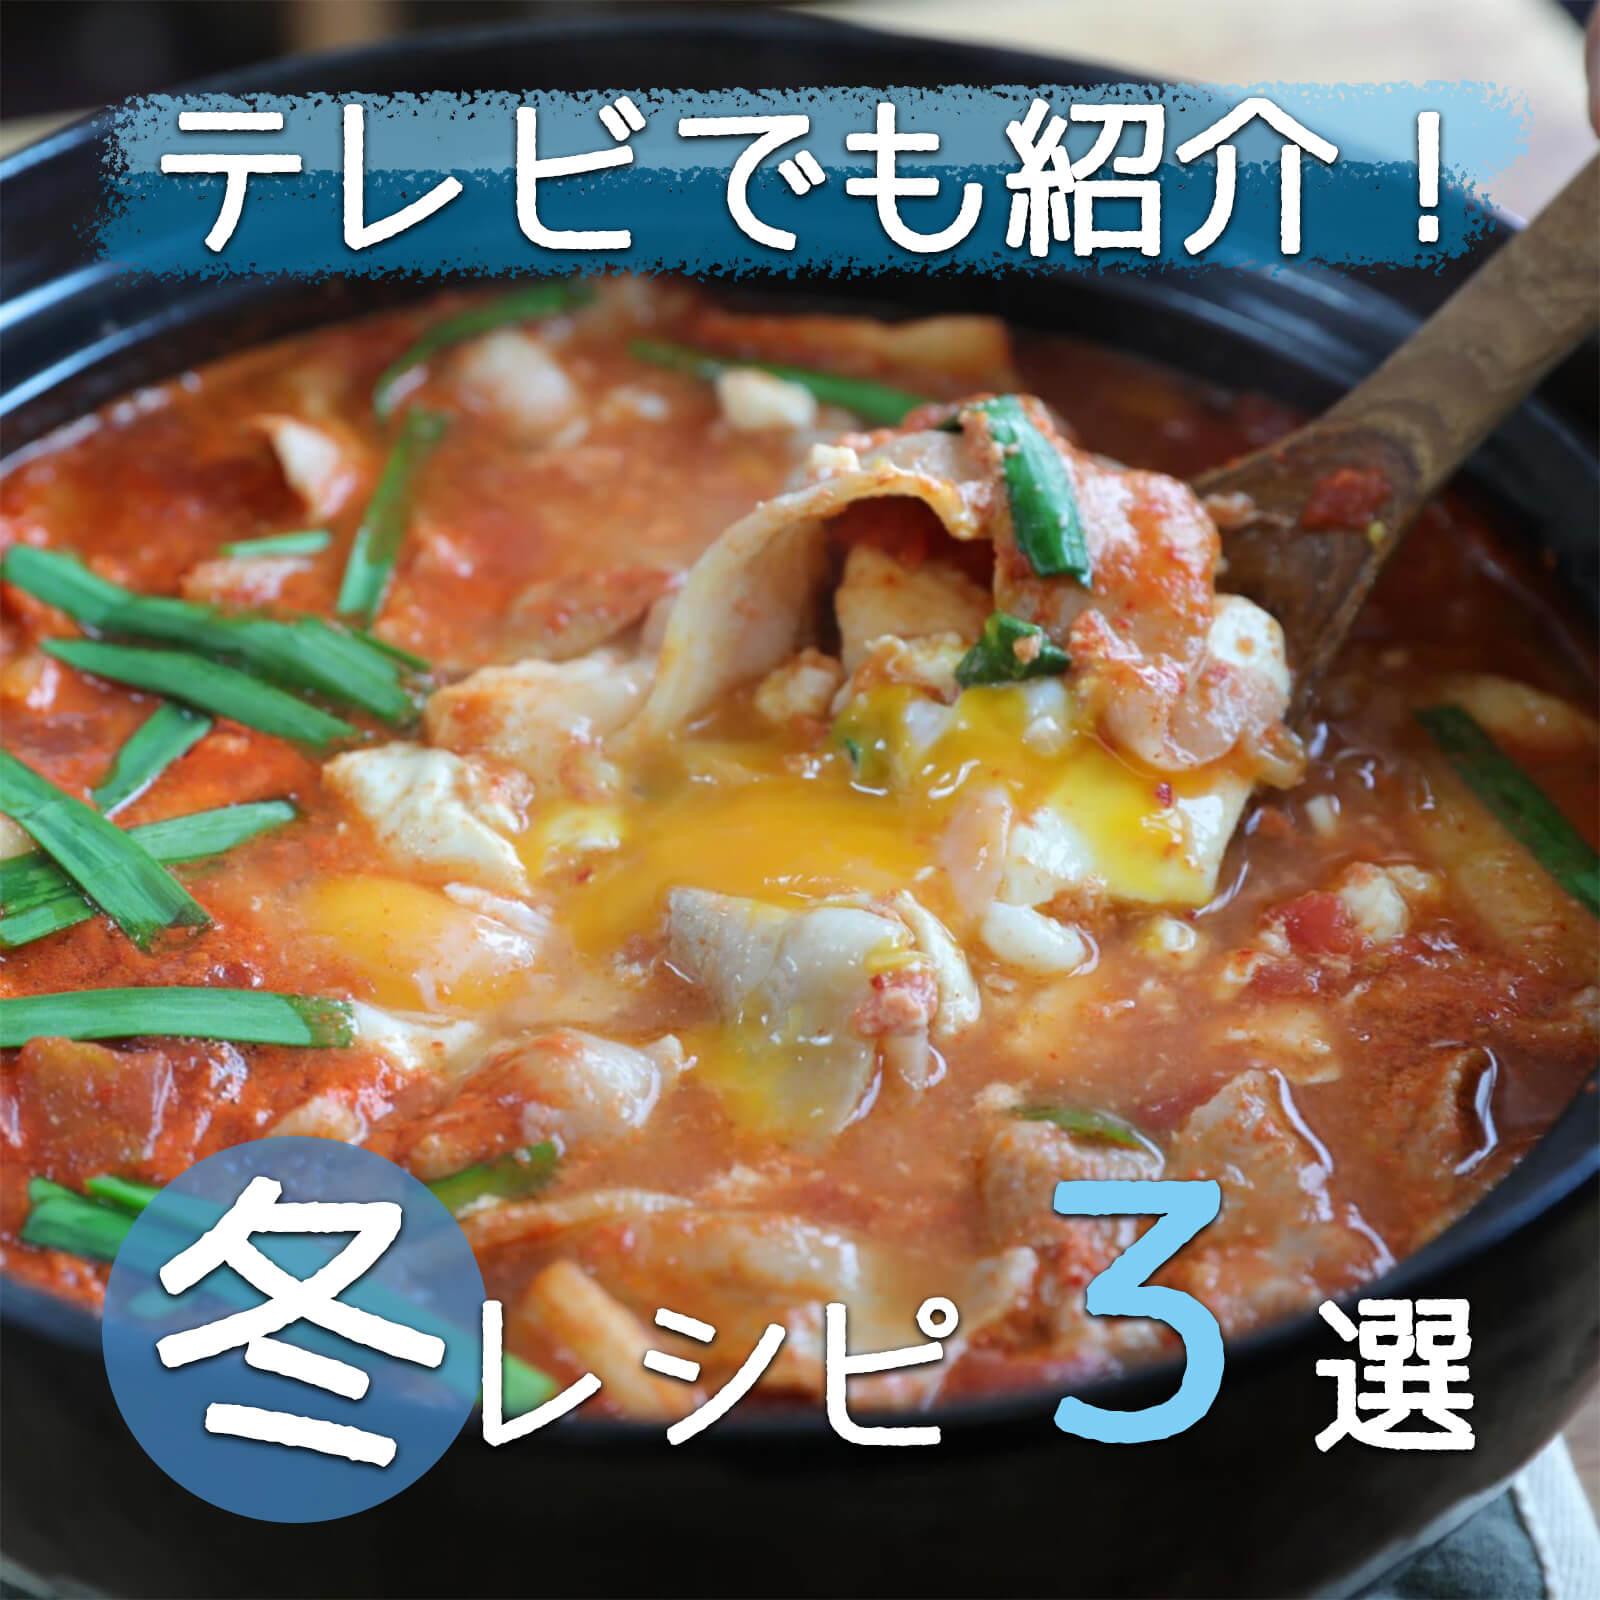 温かい 料理